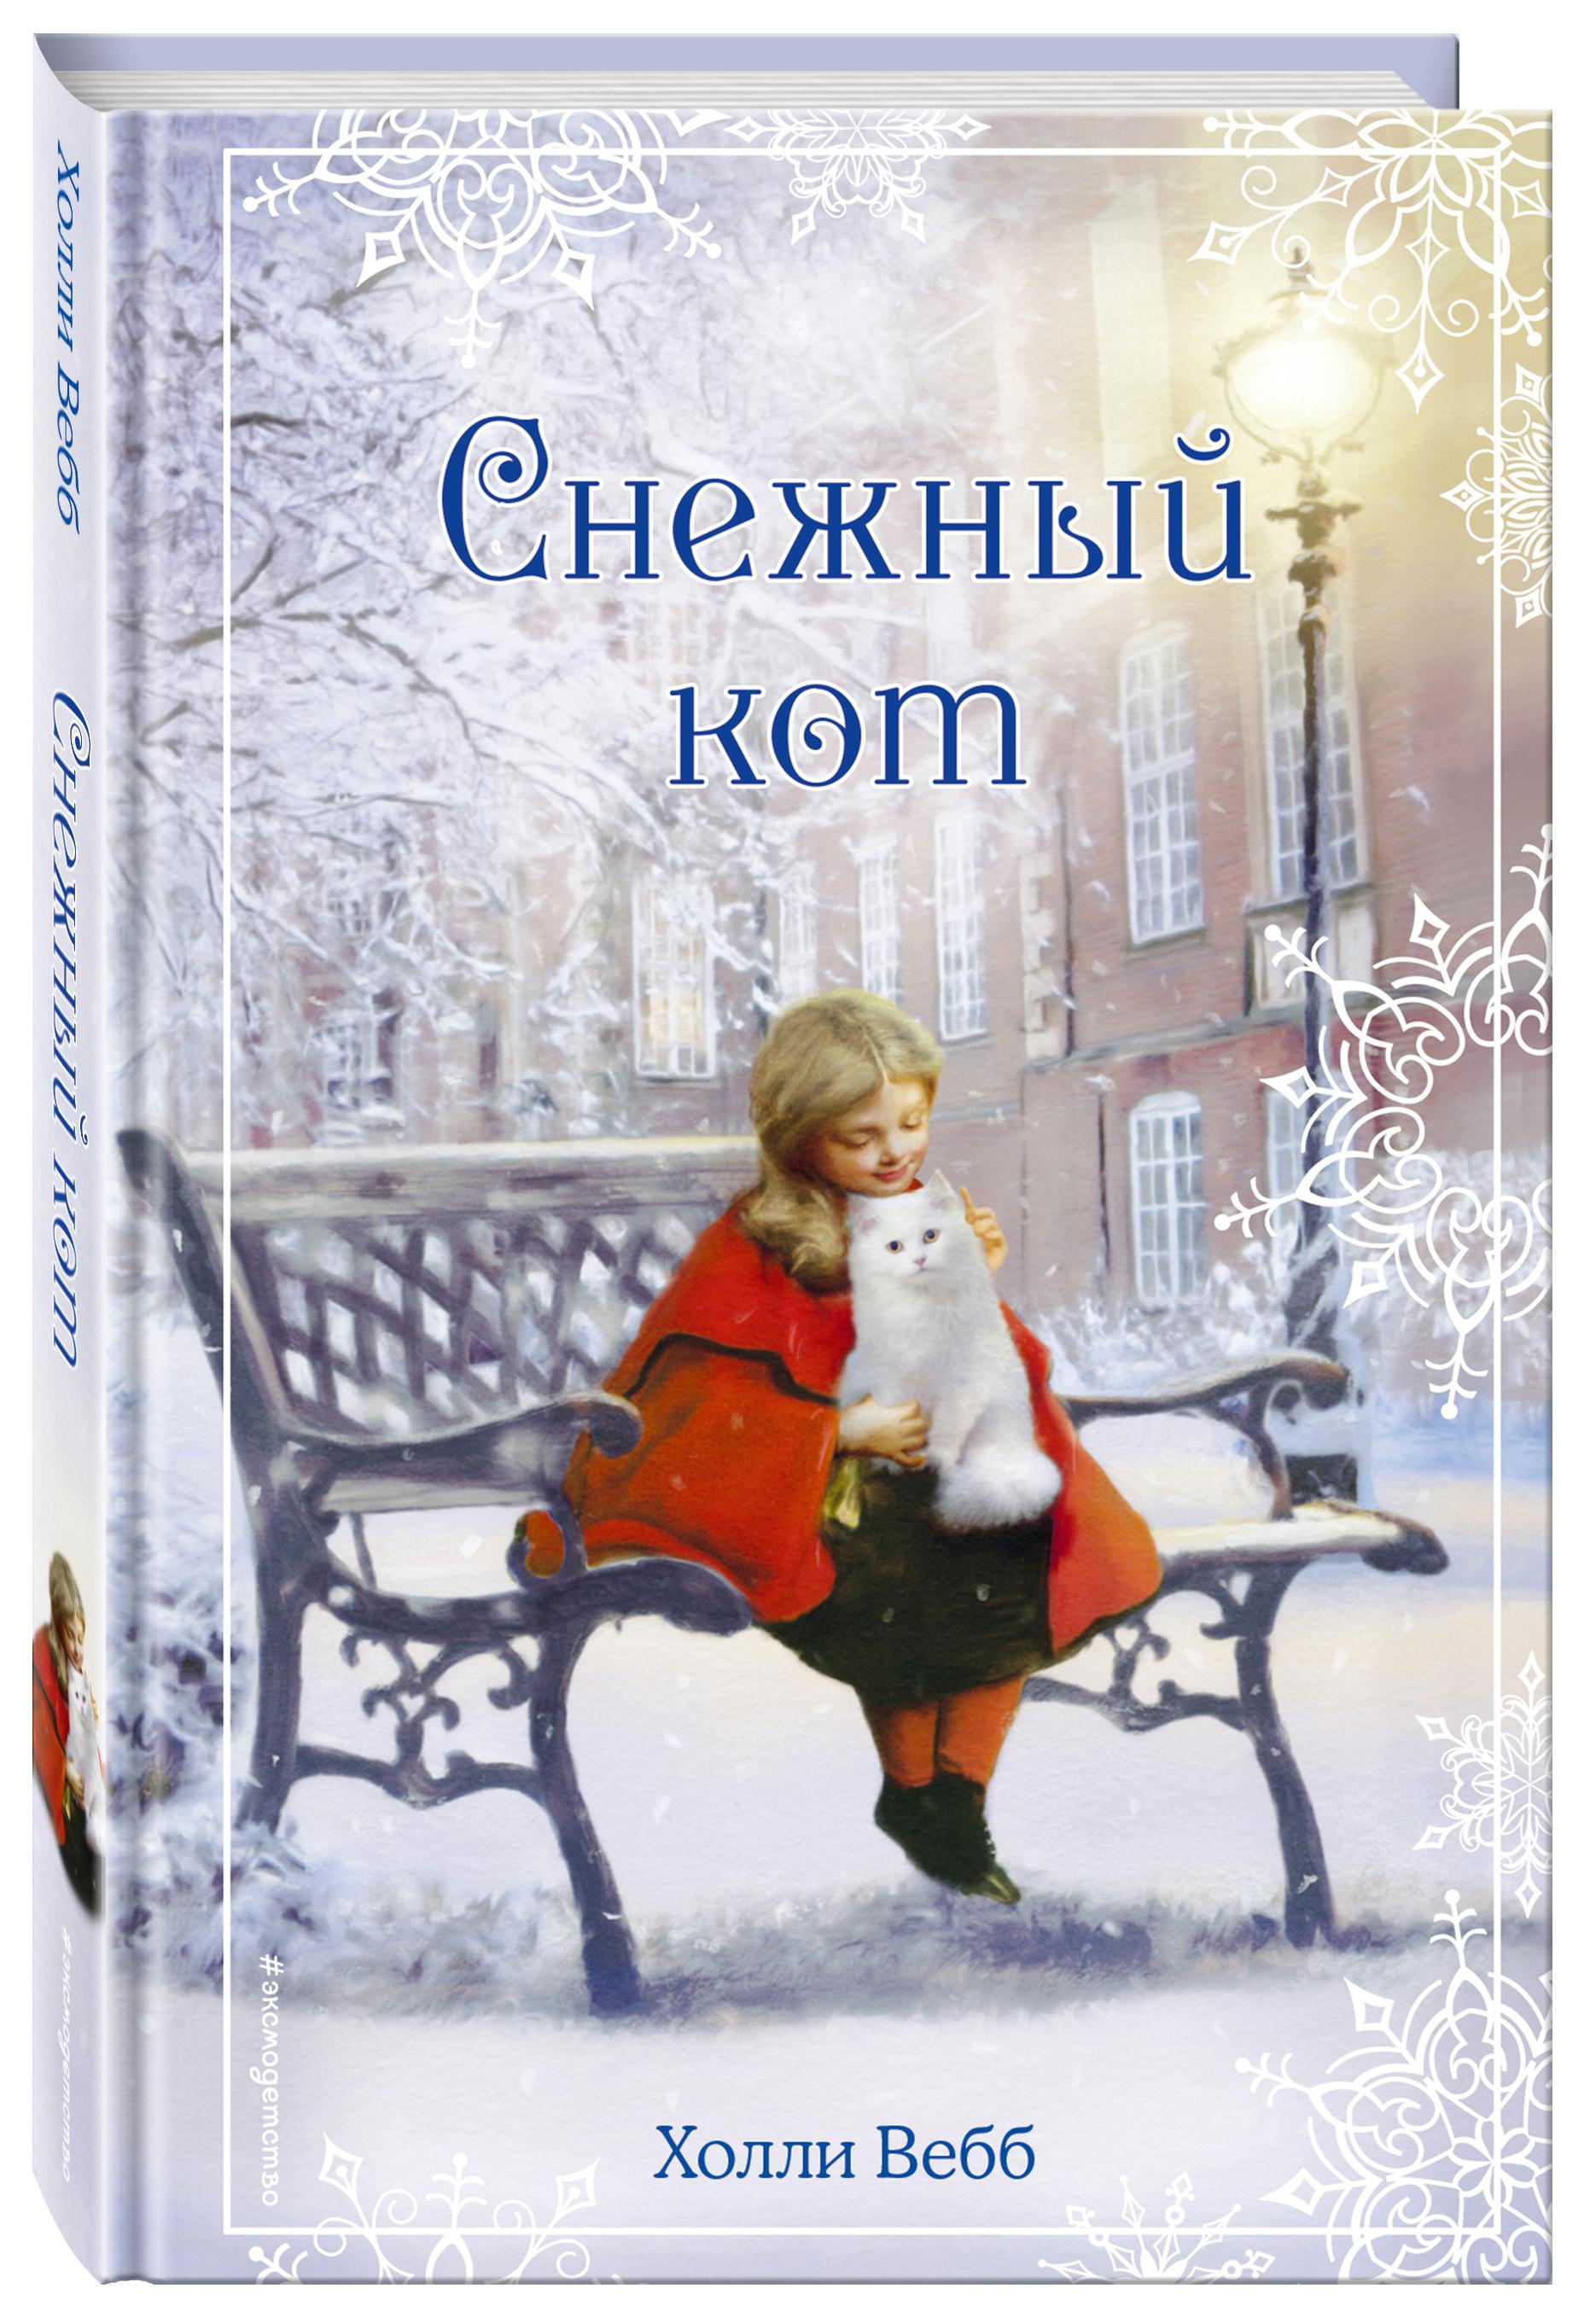 купить Холли Вебб Рождественские истории. Снежный кот по цене 281 рублей